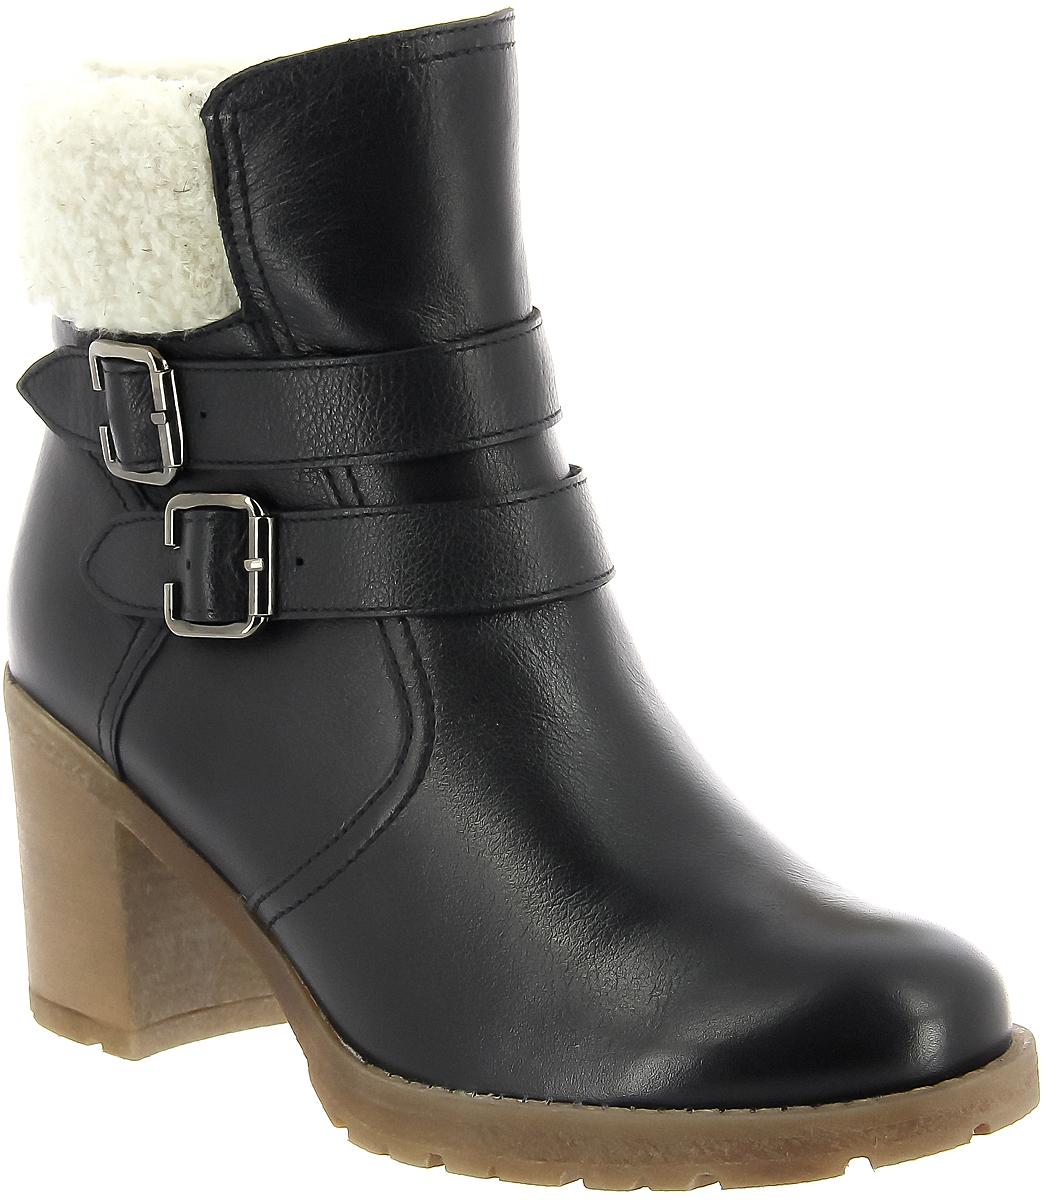 Ботильоны женские Ralf Ringer Linda, цвет: черный. 958207ЧНМ. Размер 36958207ЧНМЗимняя обувь может быть не только комфортной, но и стильной. Ботильоны Linda из натуральной кожи – отличное этому доказательство! Выполненные в универсальном цвете, они подойдут как к зимнему пальто, так и к пуховику. Пара имеет устойчивый каблук и подошву из термоэластопласта, что особенно важно при гололеде.